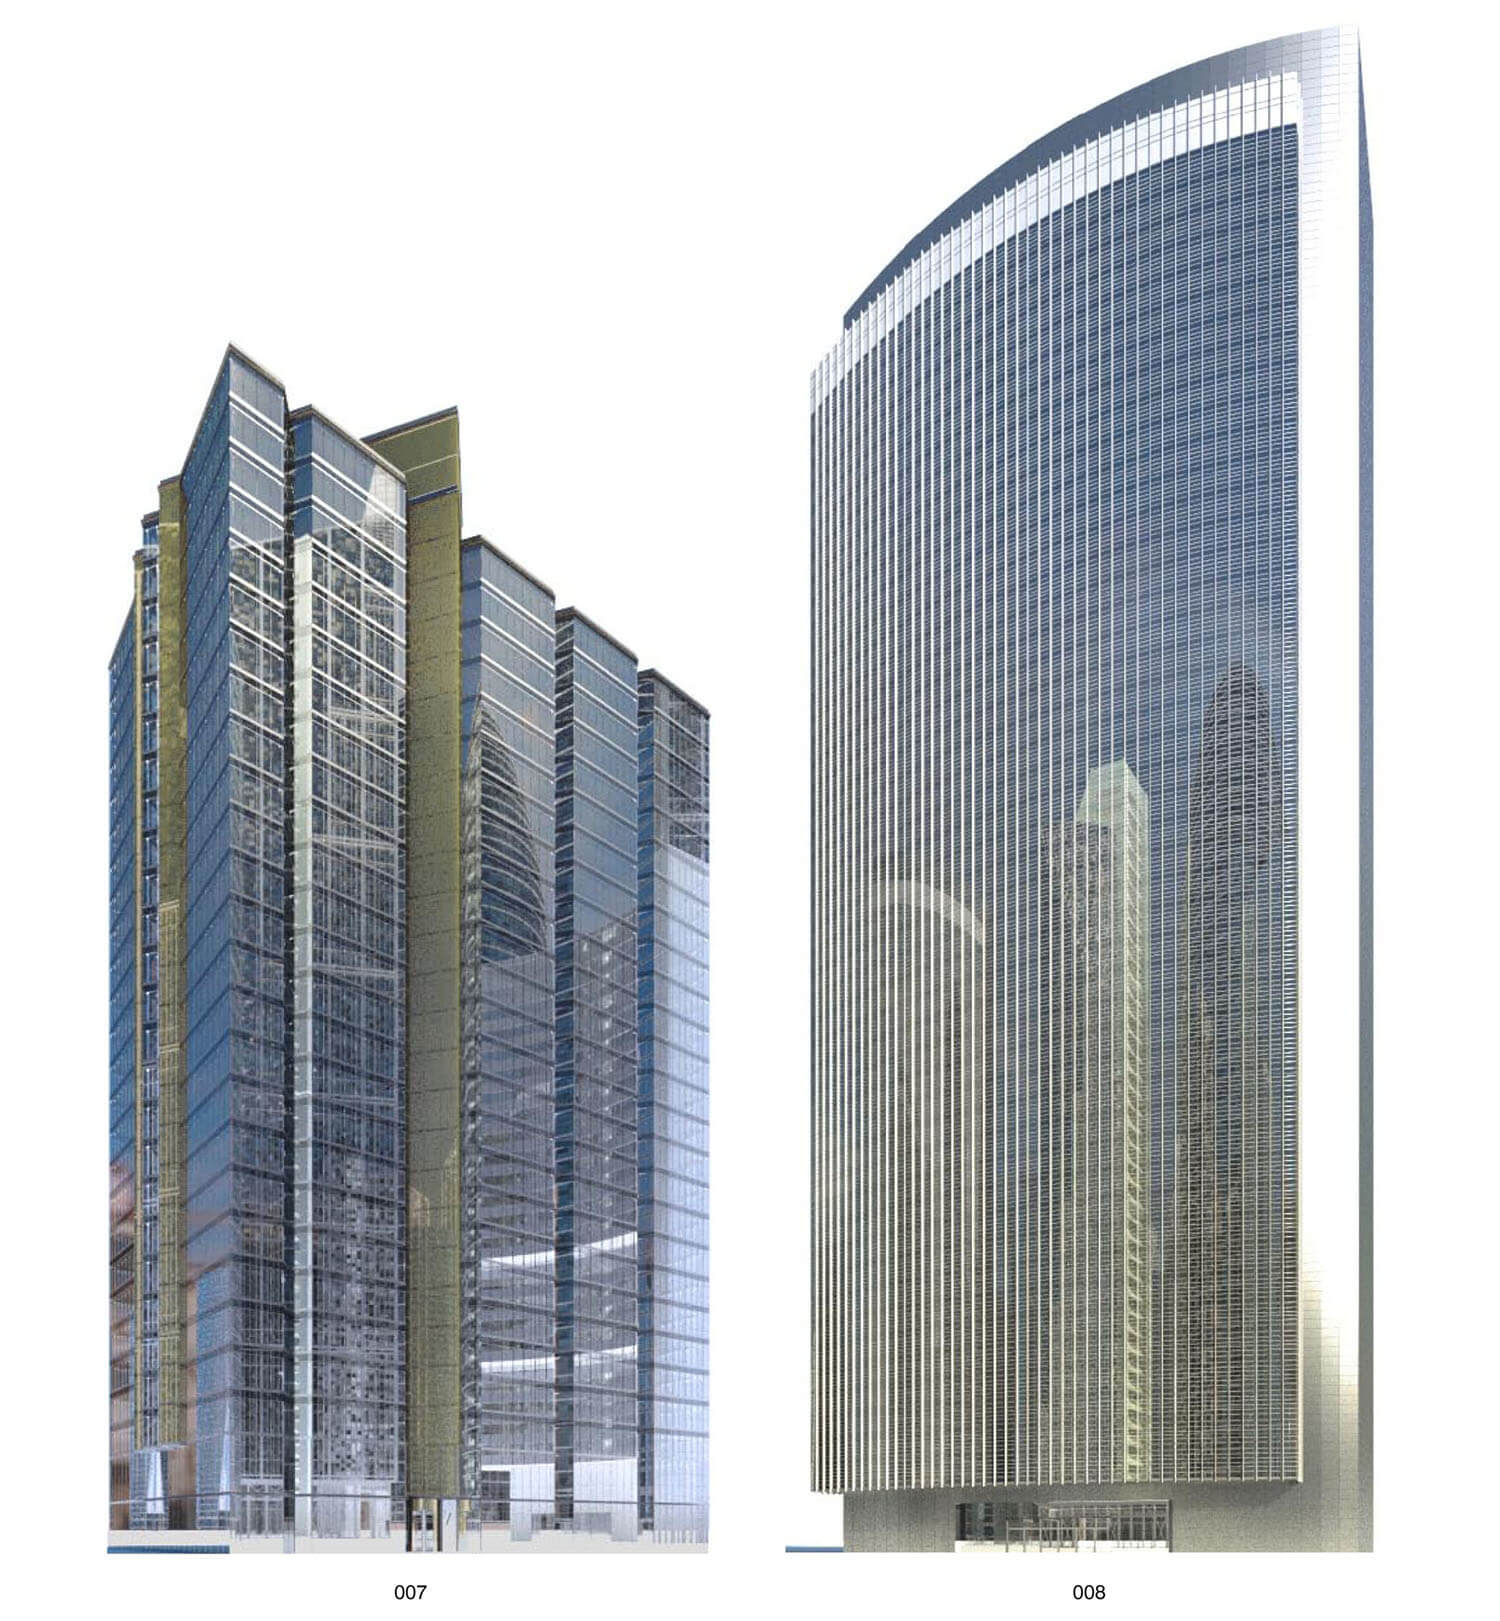 Nhà cao tầng có đường nét vuông vức và dạng cong mềm mại